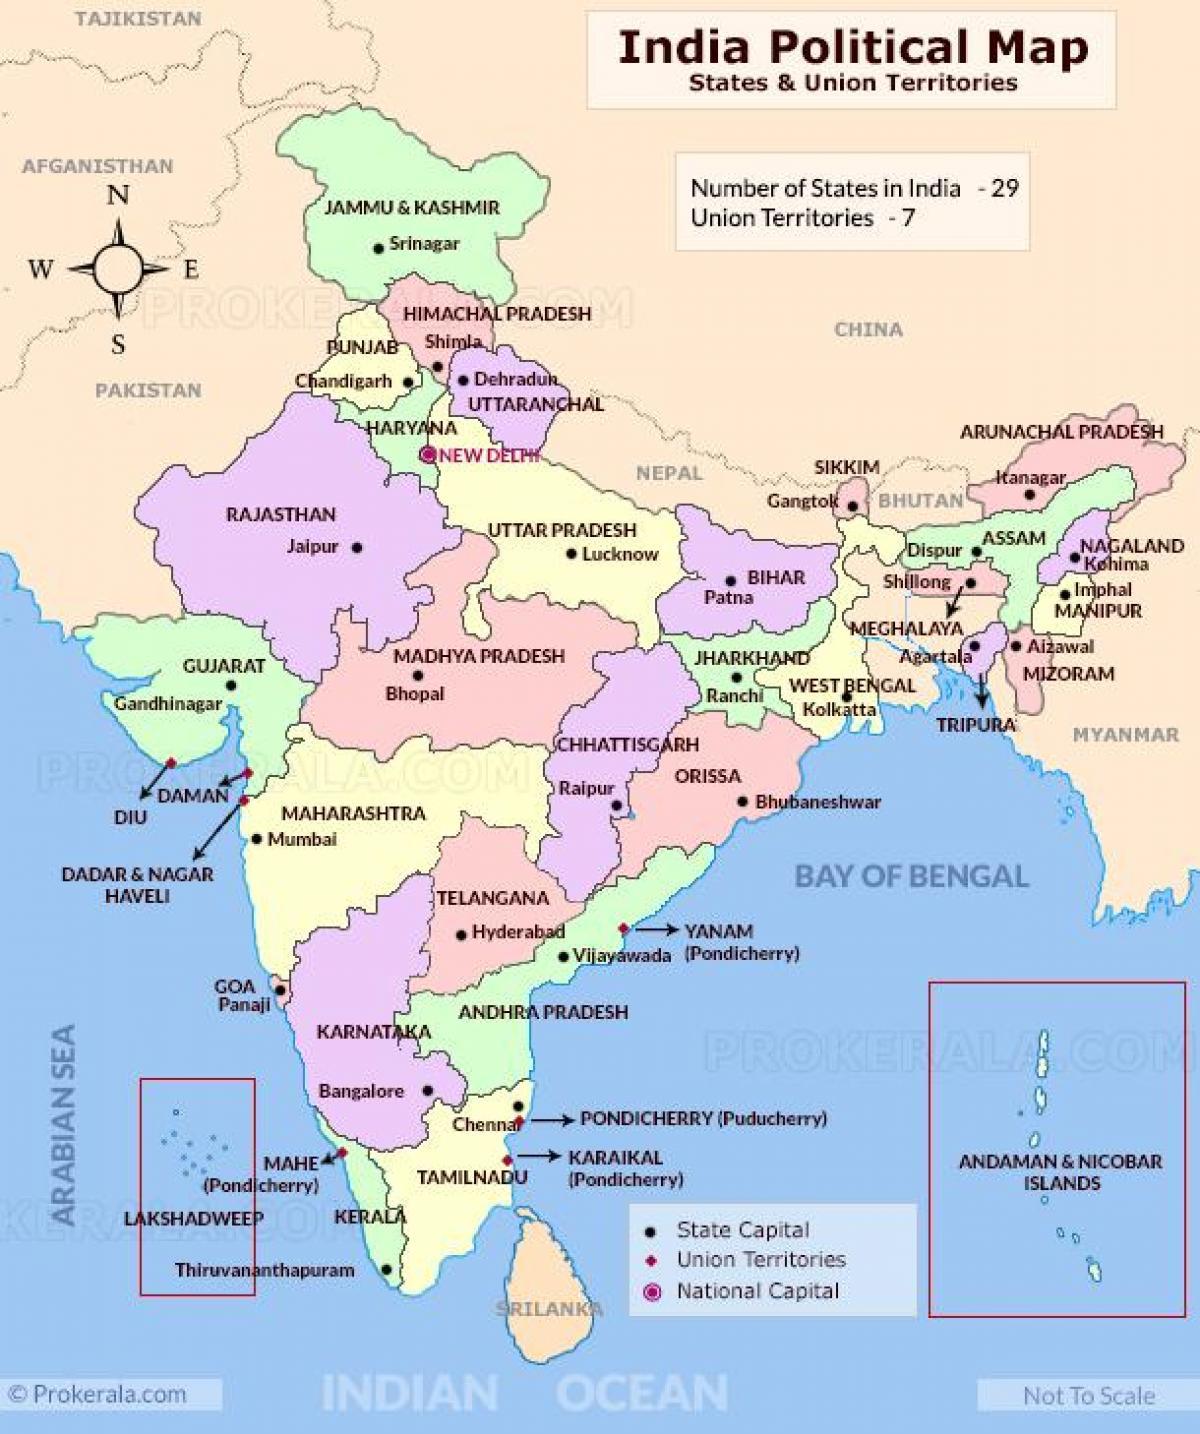 India Politica Cartina.Politici India Mappa Cartina Politica Del Mondo India Sud Est Asiatico Asia